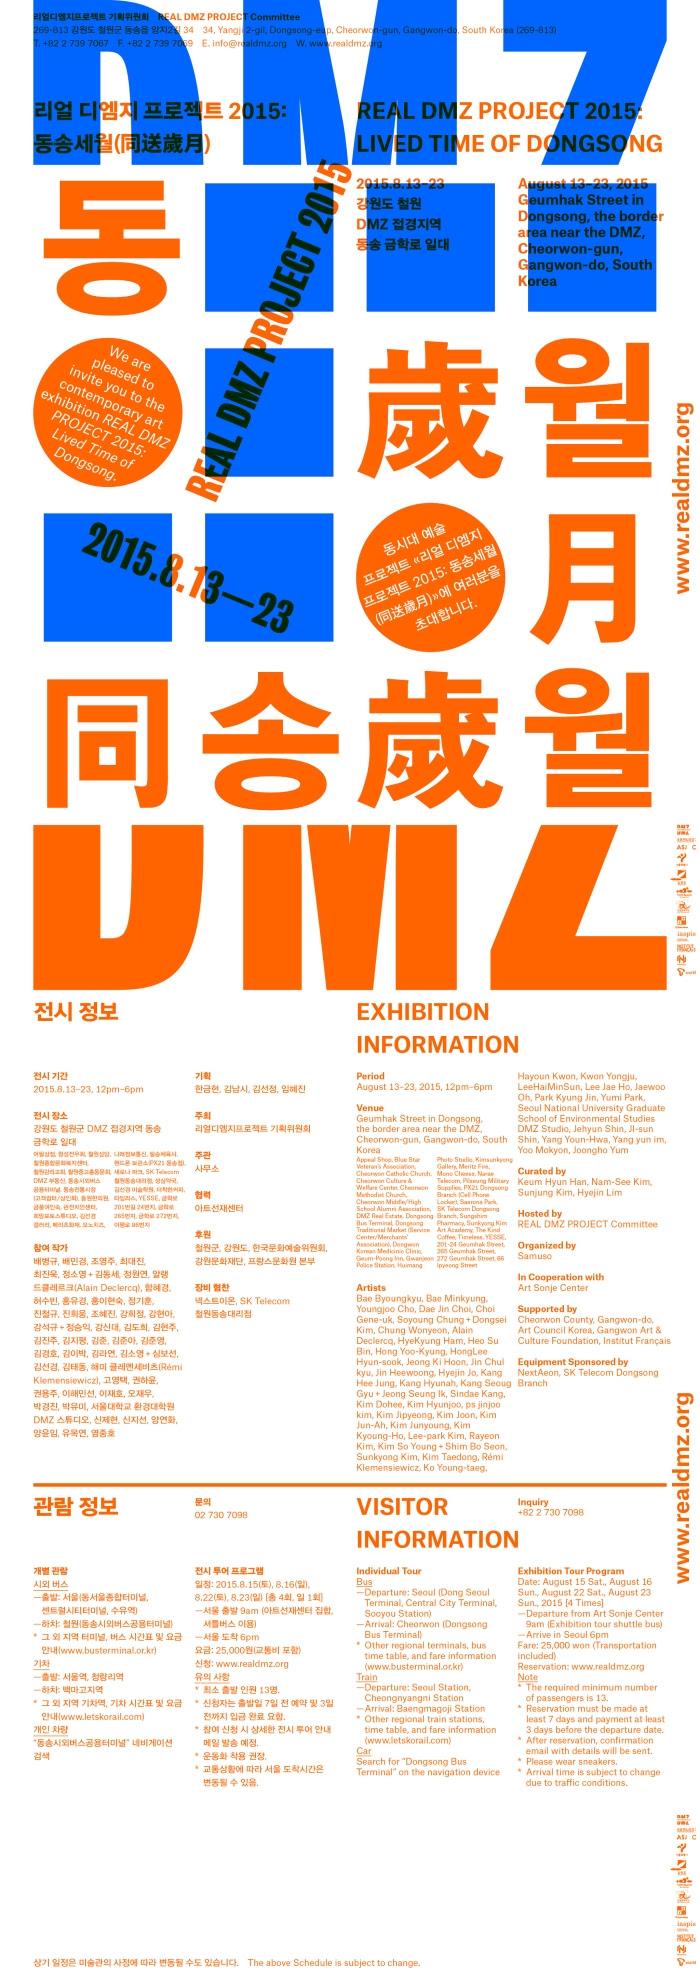 리얼 디엠지 프로젝트 2015: 동송세월